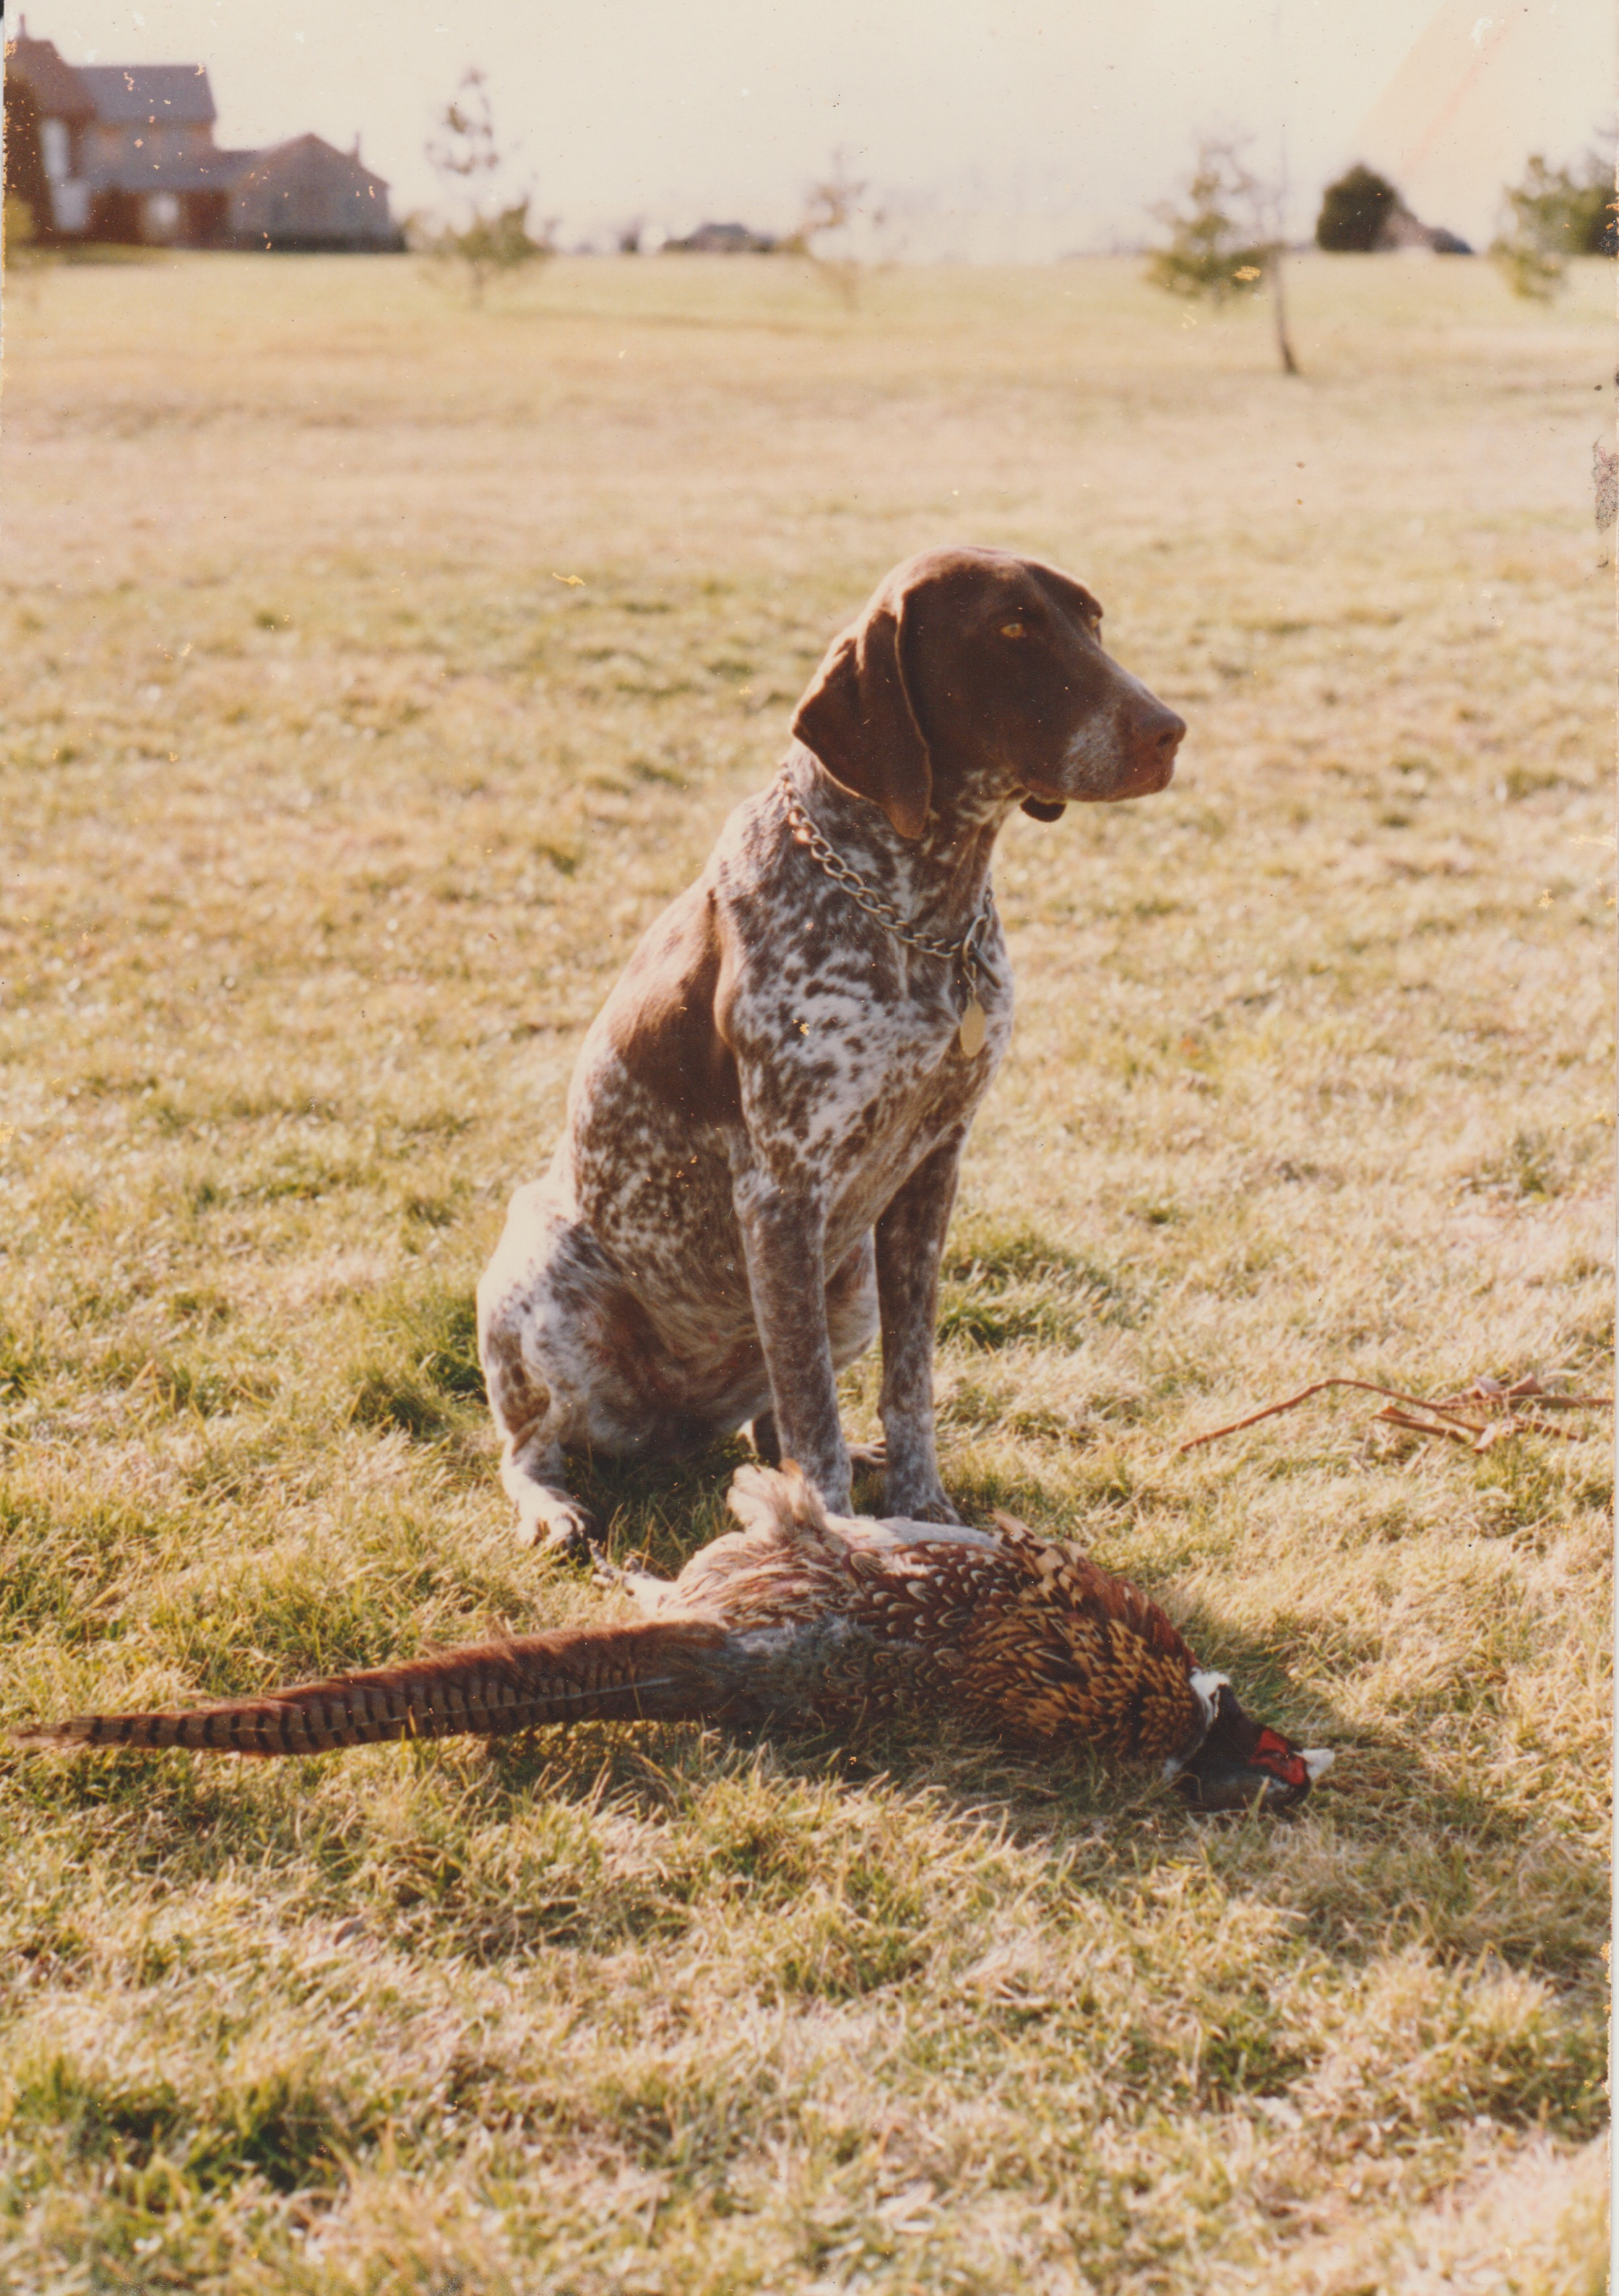 Inga and Pheasant